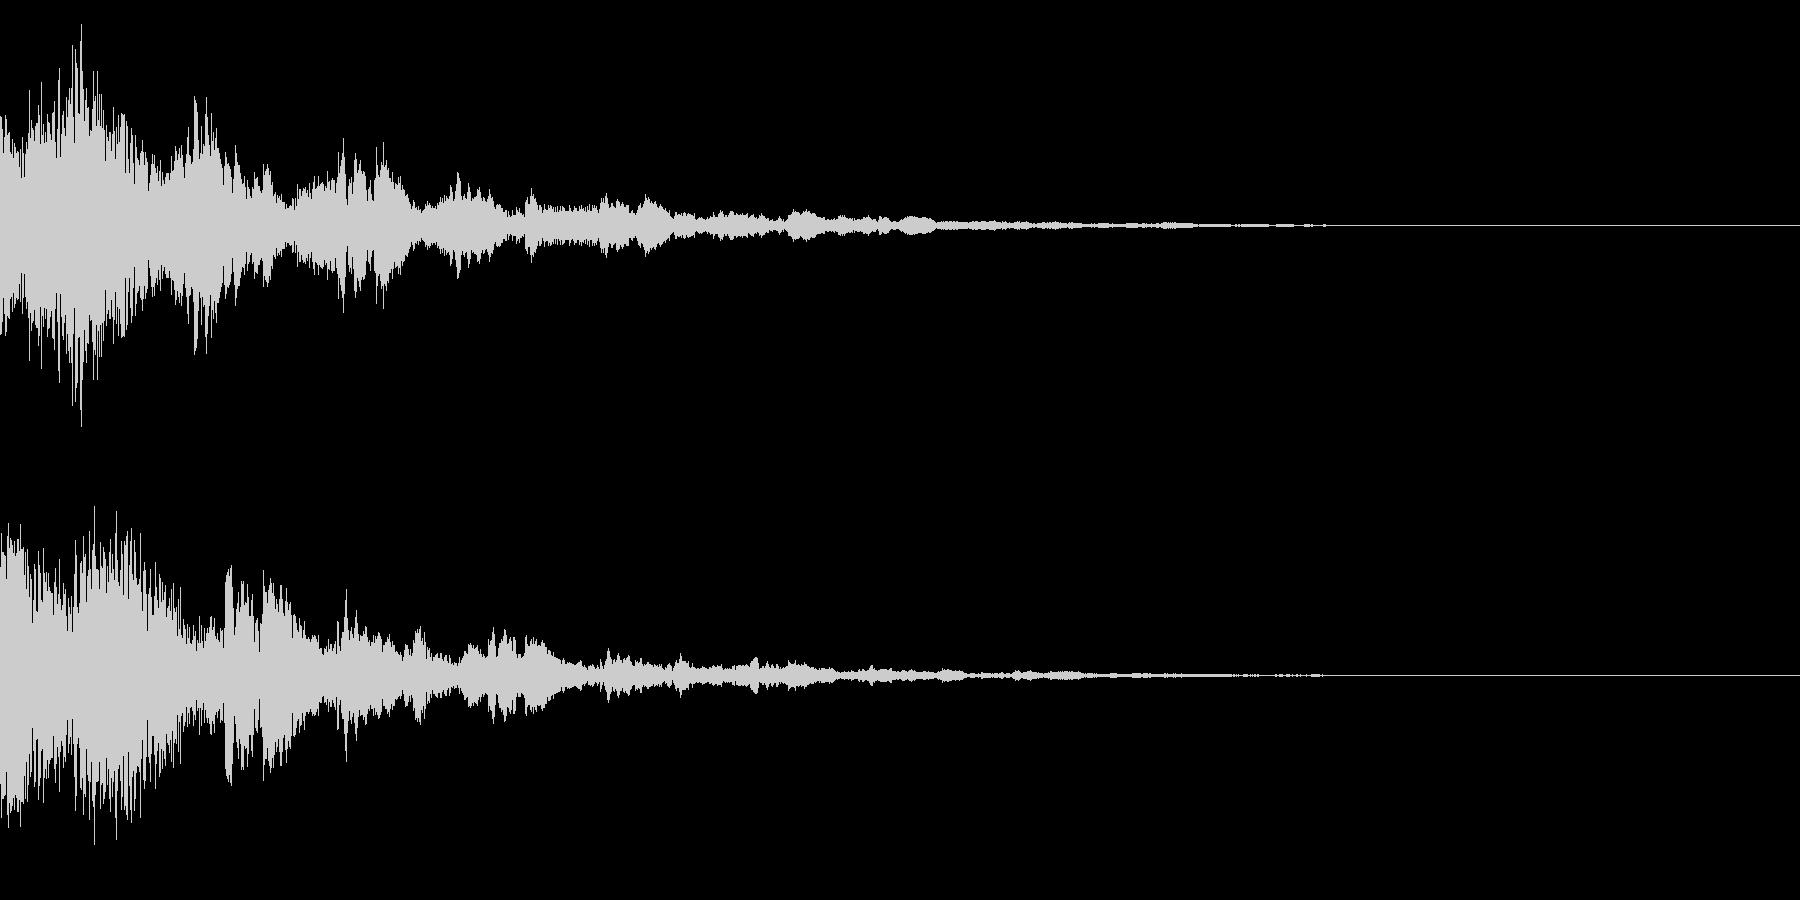 サウンドロゴ34(ベル系)の未再生の波形